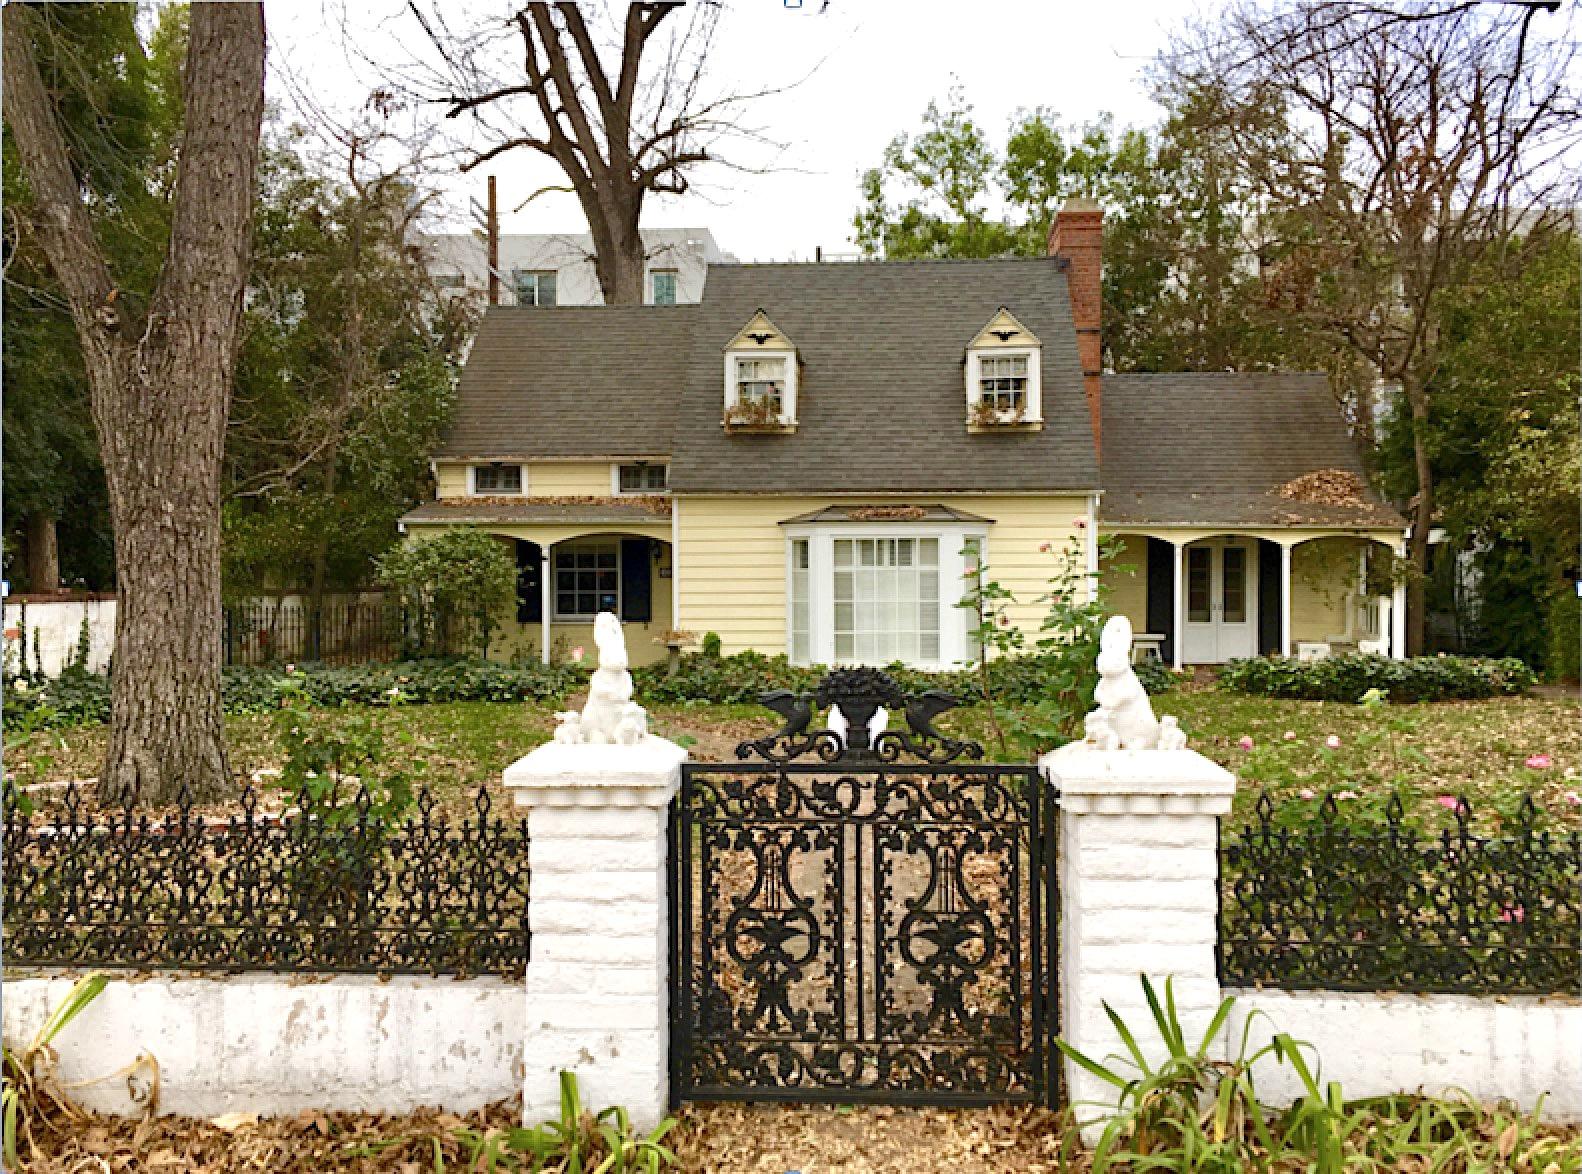 Albert Zwebell house